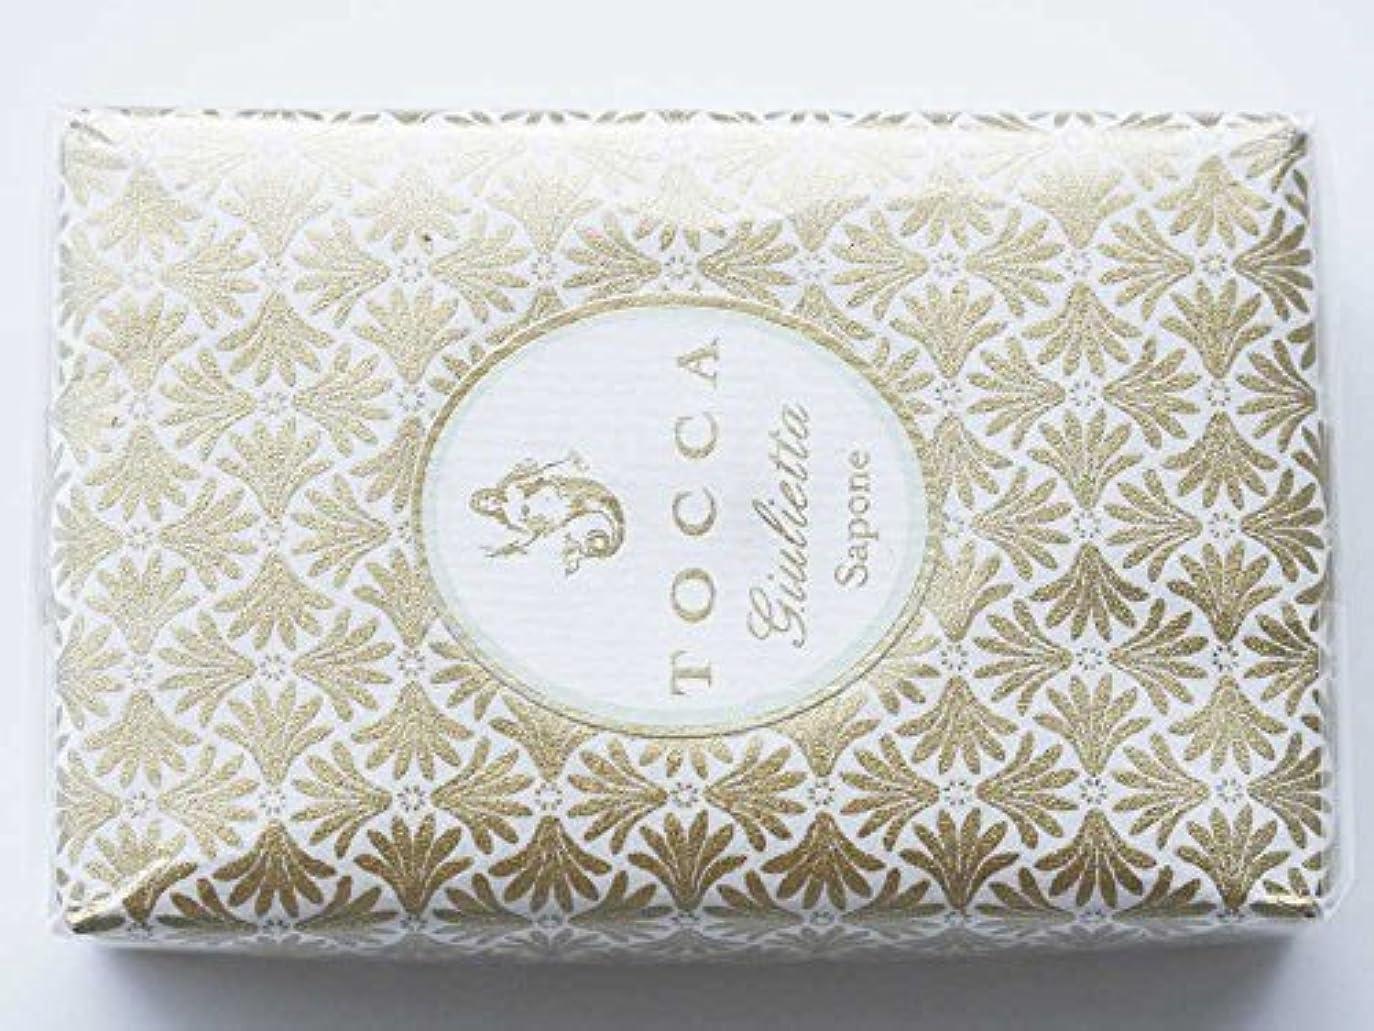 締め切り心のこもった恩恵TOCCA(トッカ)石鹸 ソープバー ジュリエッタの香り